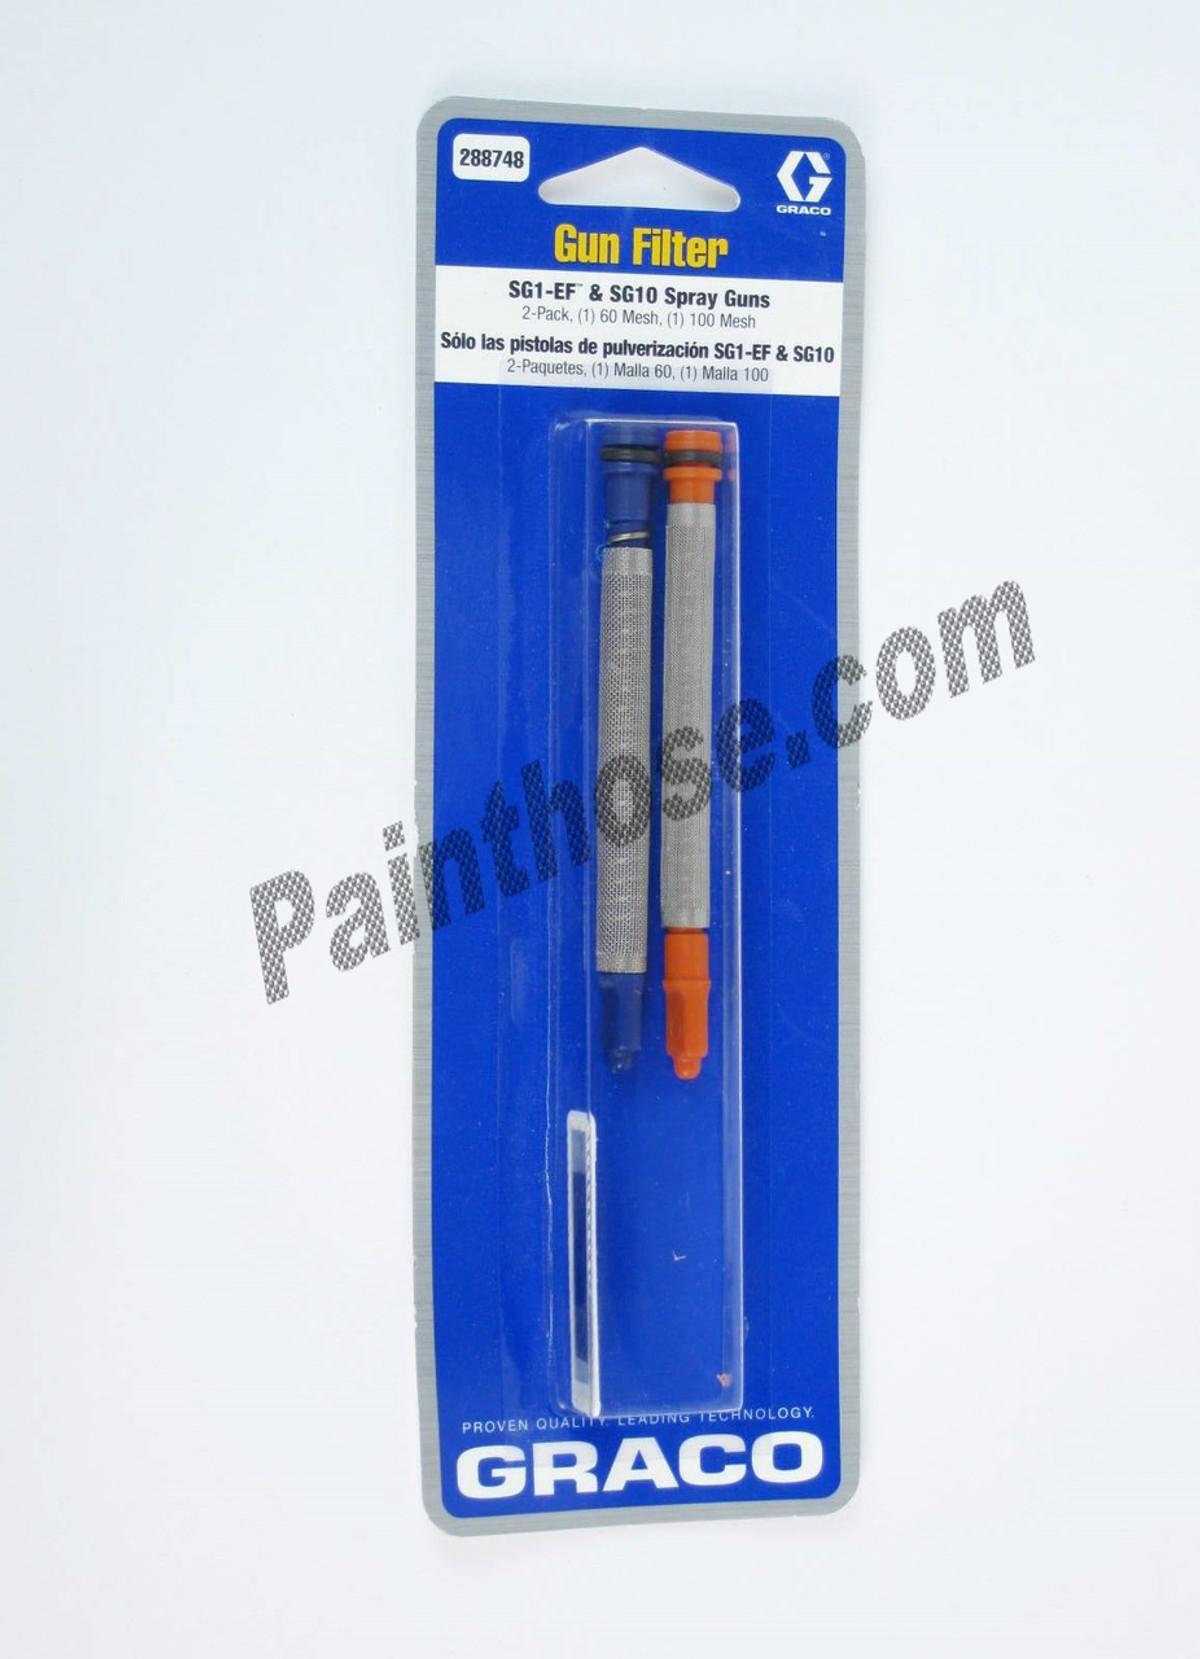 Graco 288748 288-748 244514 Gun Filter 2pack OEM